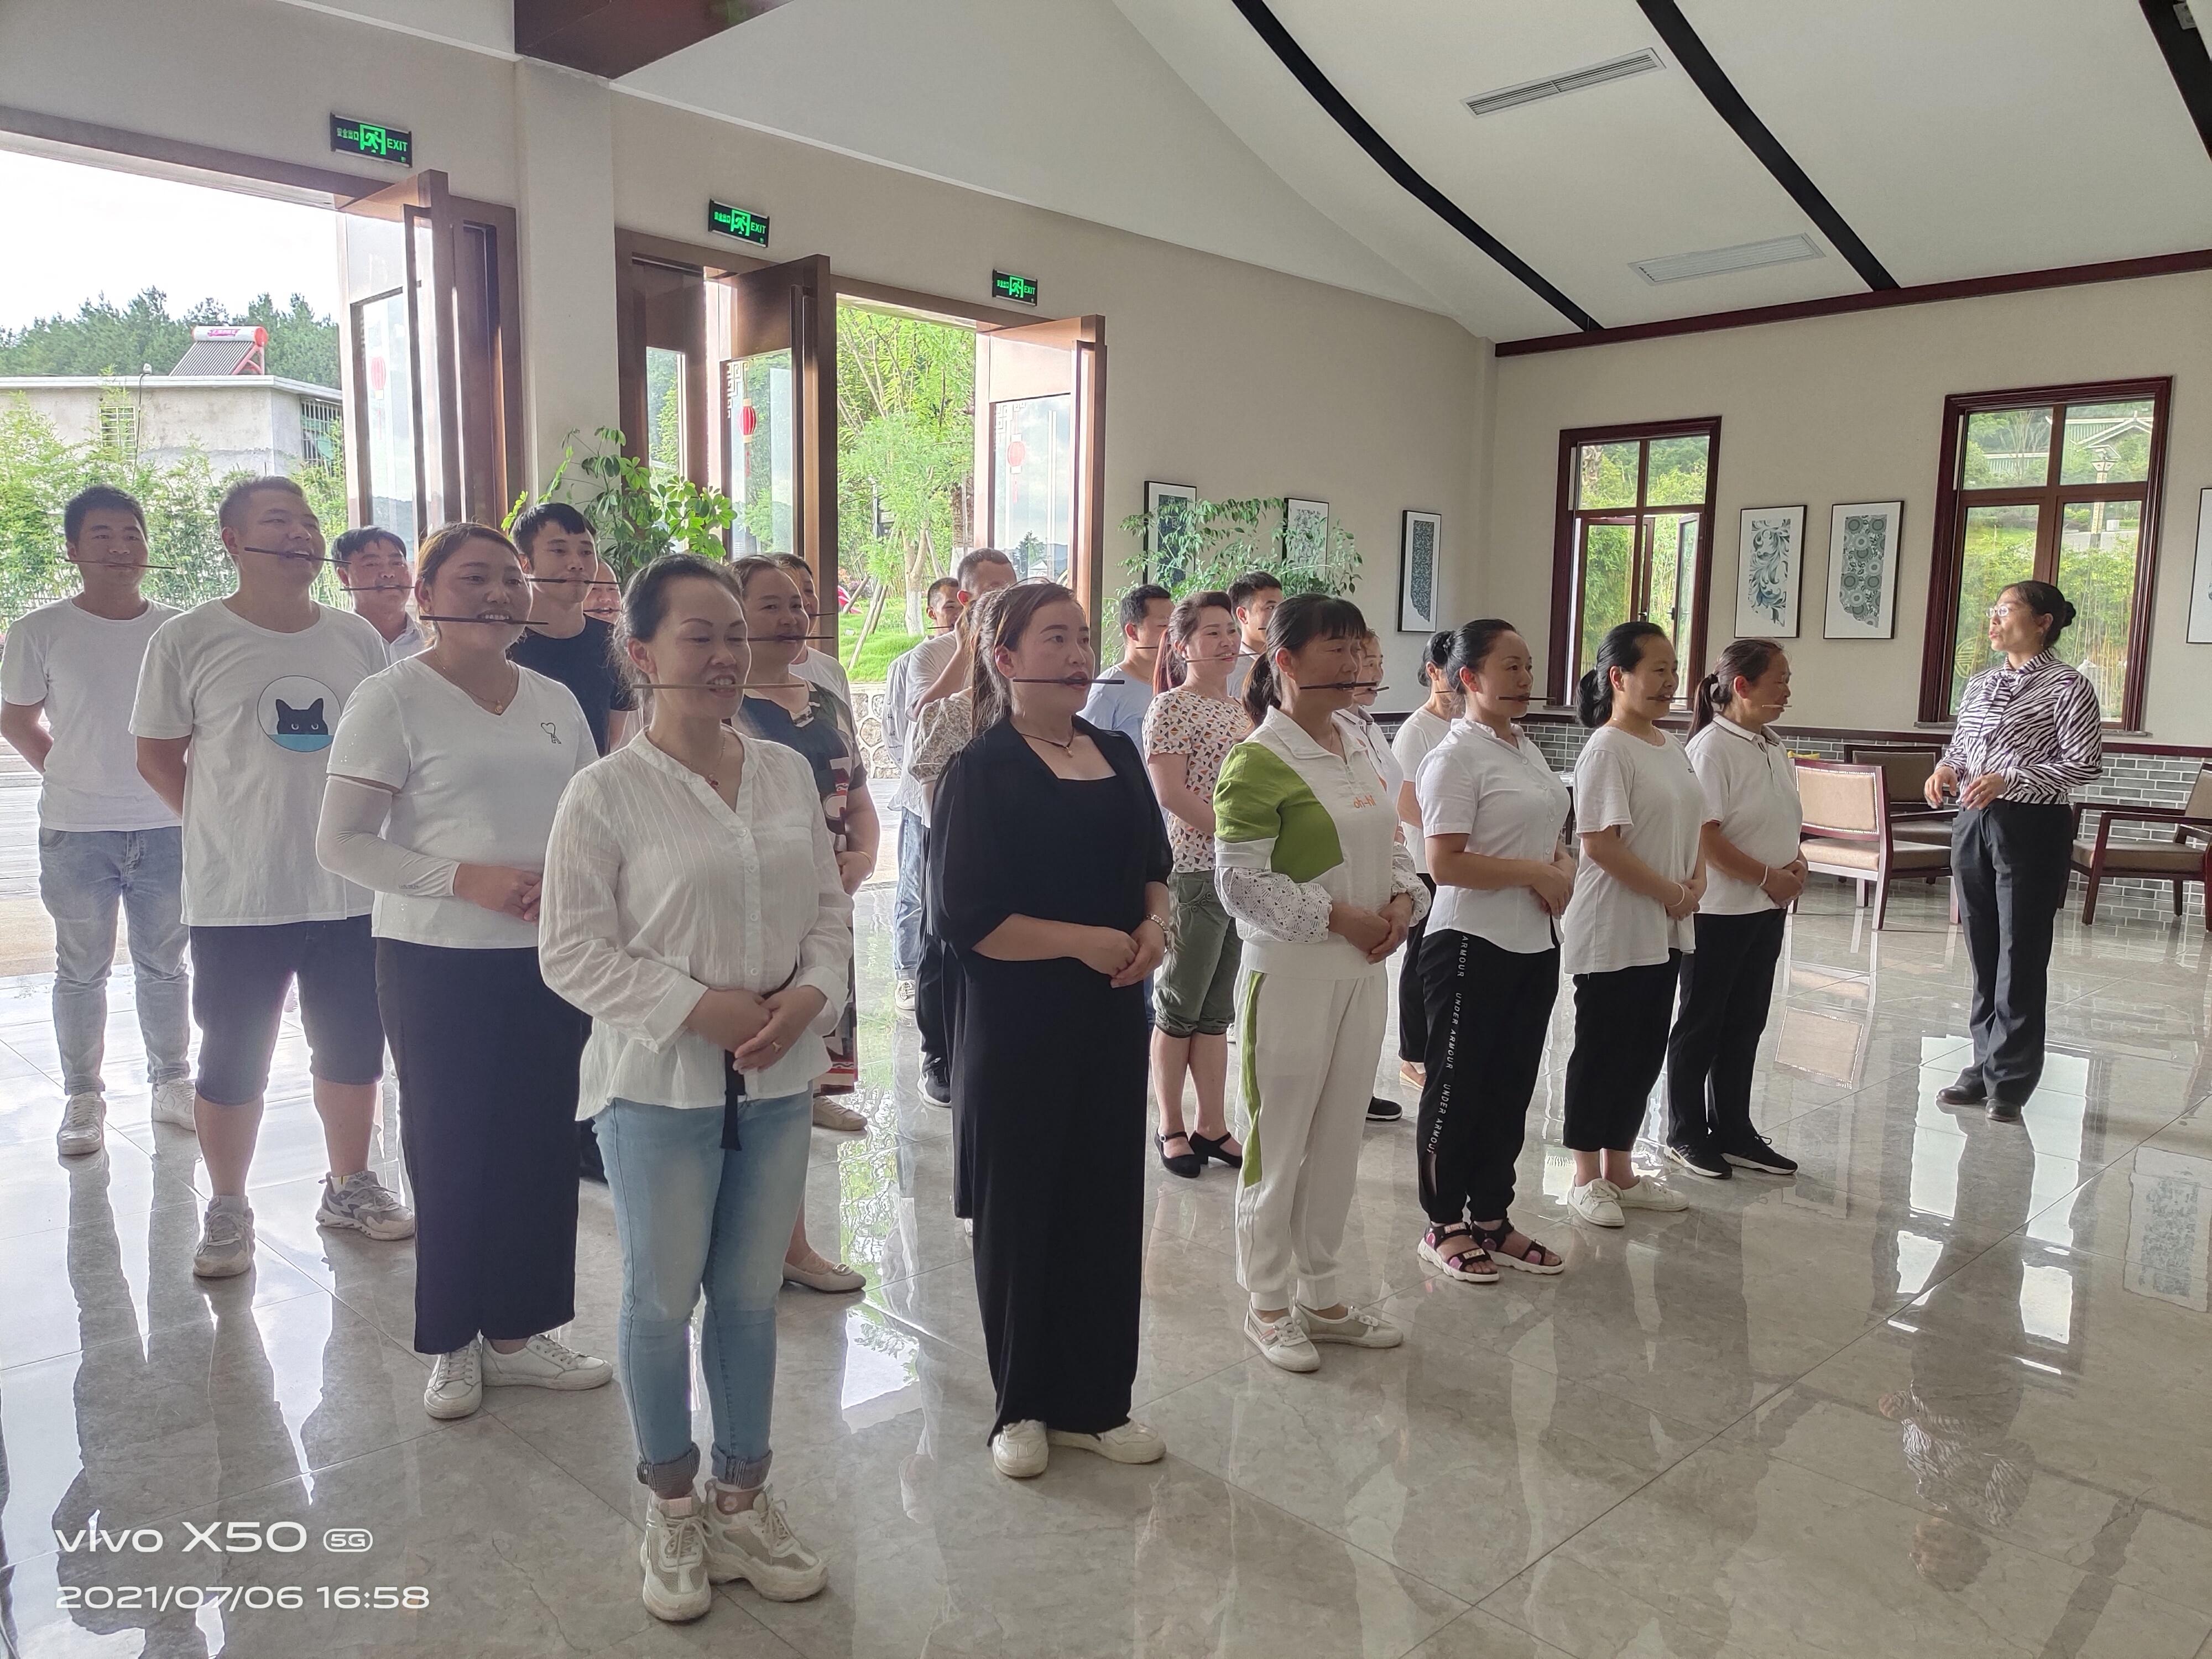 南卓旅业|龙里油画大草原景区开展员工礼仪培训